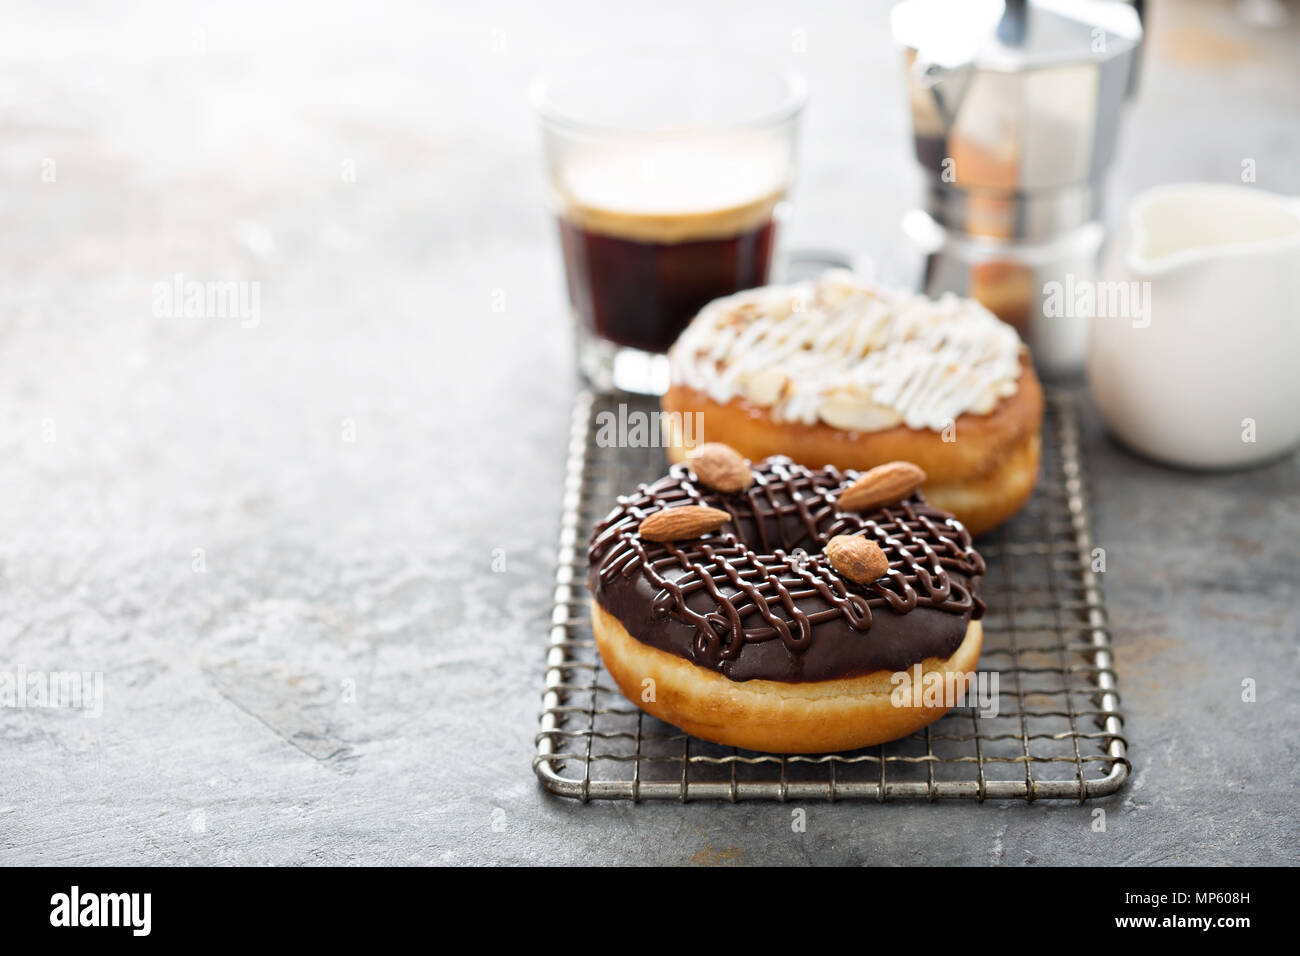 Le chocolat et les beignets aux amandes avec le café Photo Stock